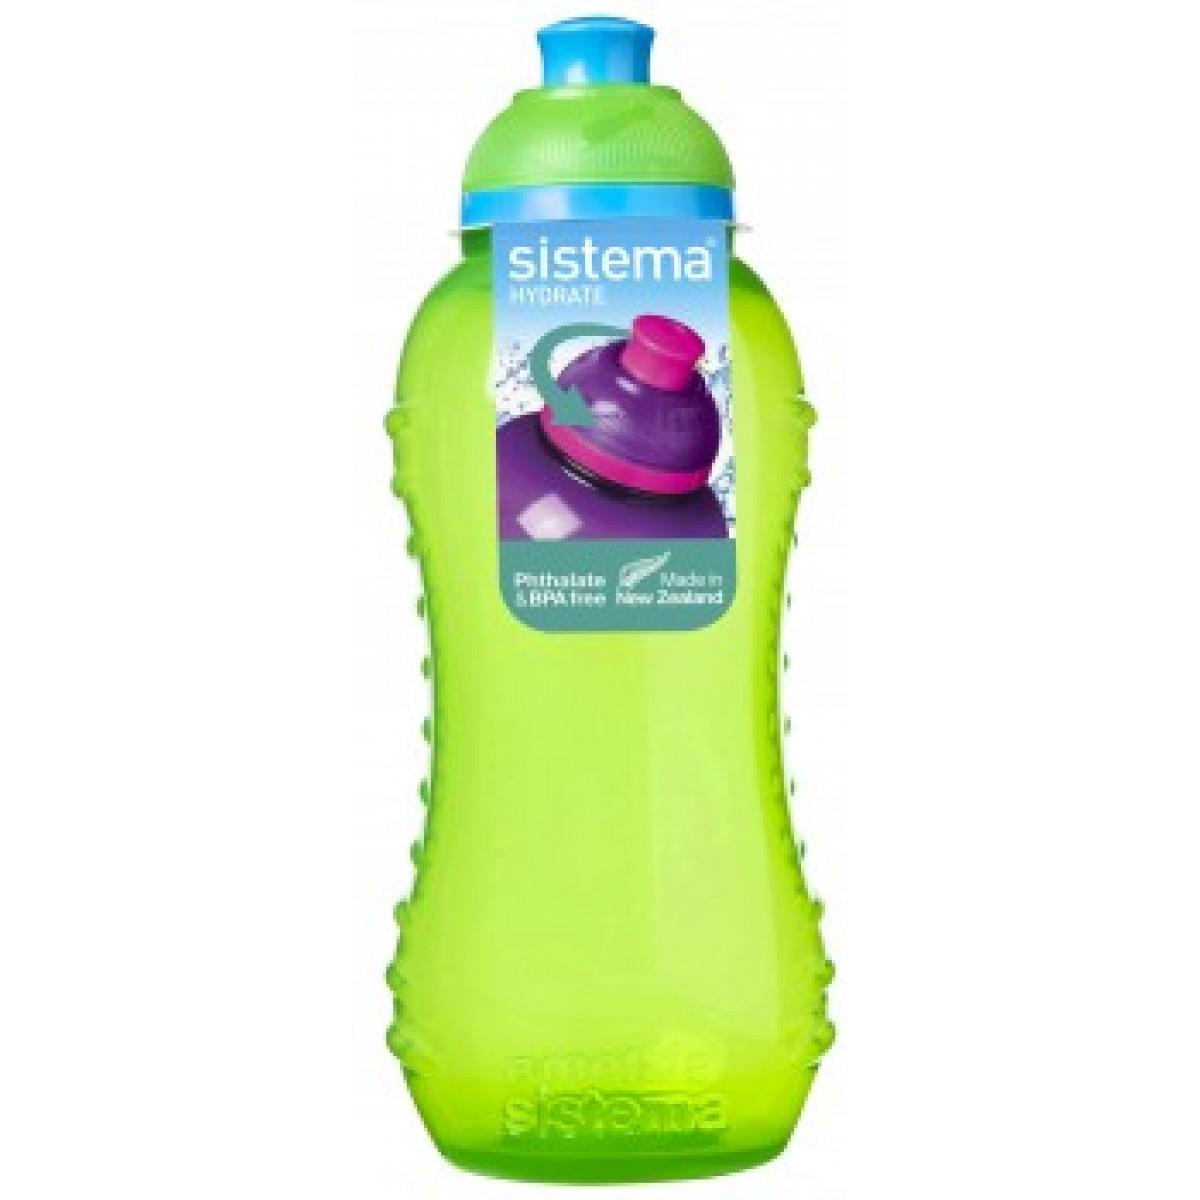 SISTEMA Drikkedunk grøn 330 ml twist 'n' sip